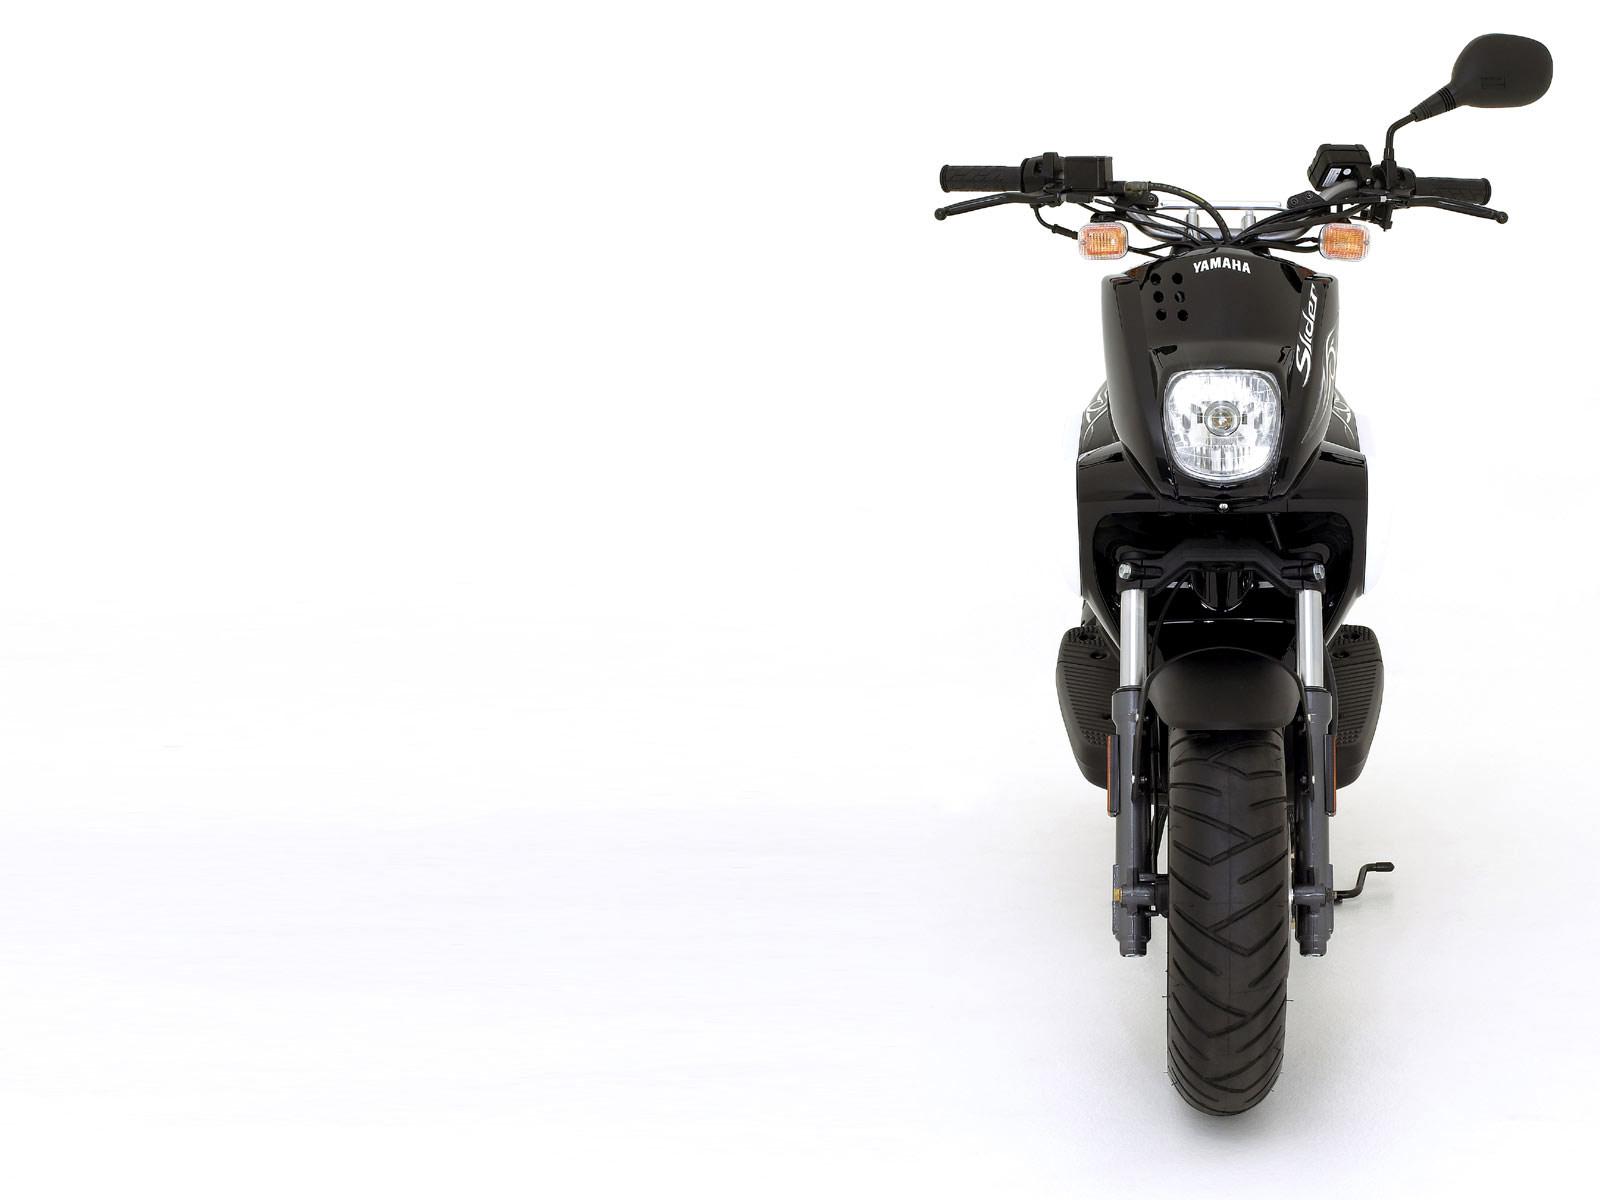 http://3.bp.blogspot.com/-340GRv40FvM/TkpBXWpImmI/AAAAAAAACkM/jOGY3jNQ0XQ/s1600/Yamaha-scooter-pictures_2007_Slider_Naked_10.jpg